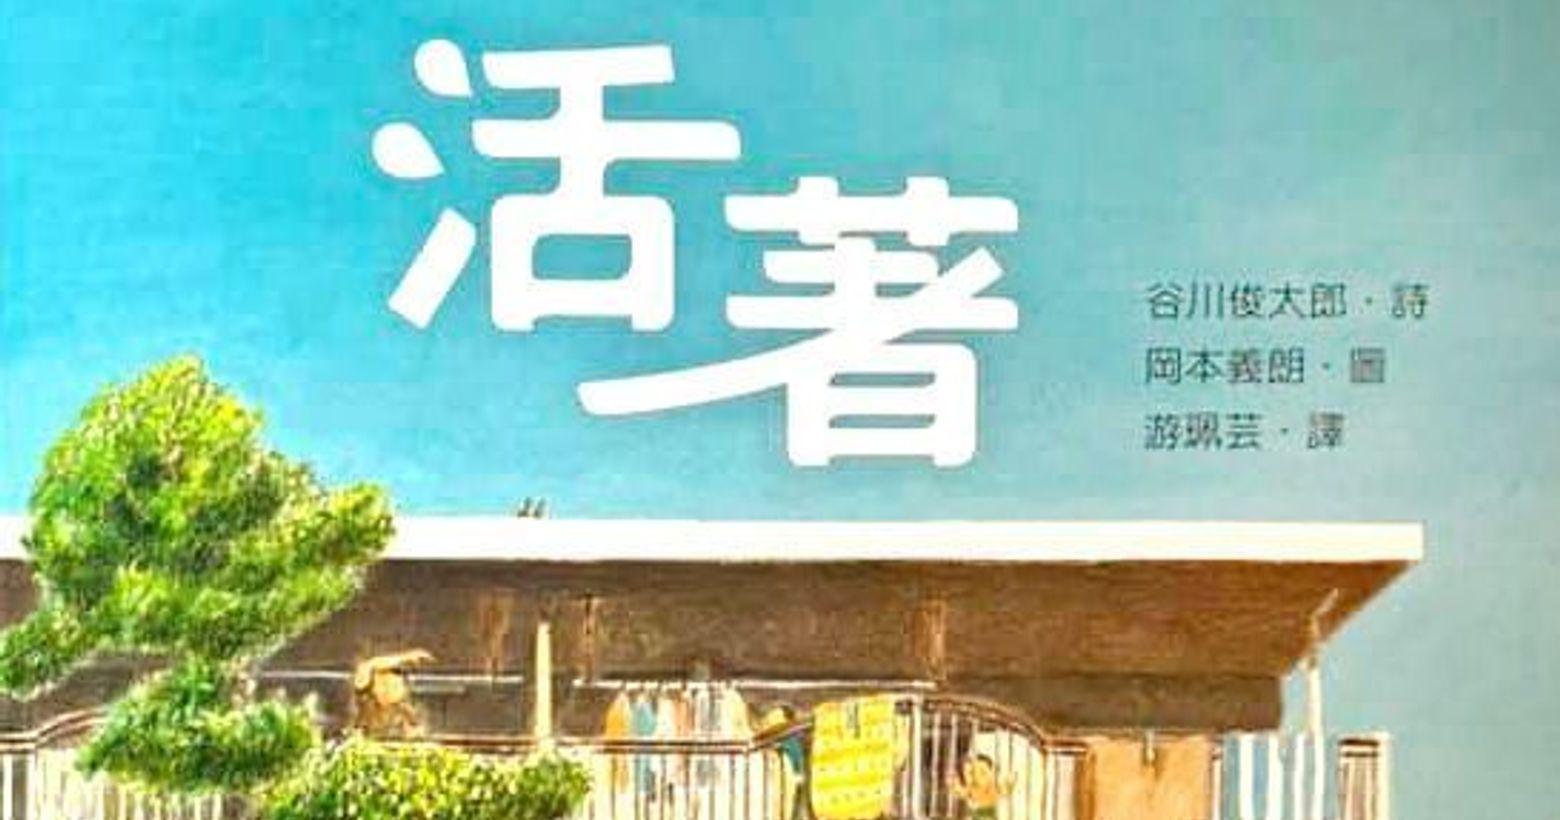 繪本分享-谷川俊太郎《活著》夏日的蟬鳴,是令人印象深刻的。在豔陽的照耀下,盡力的、奔放的唱出牠最嘹亮